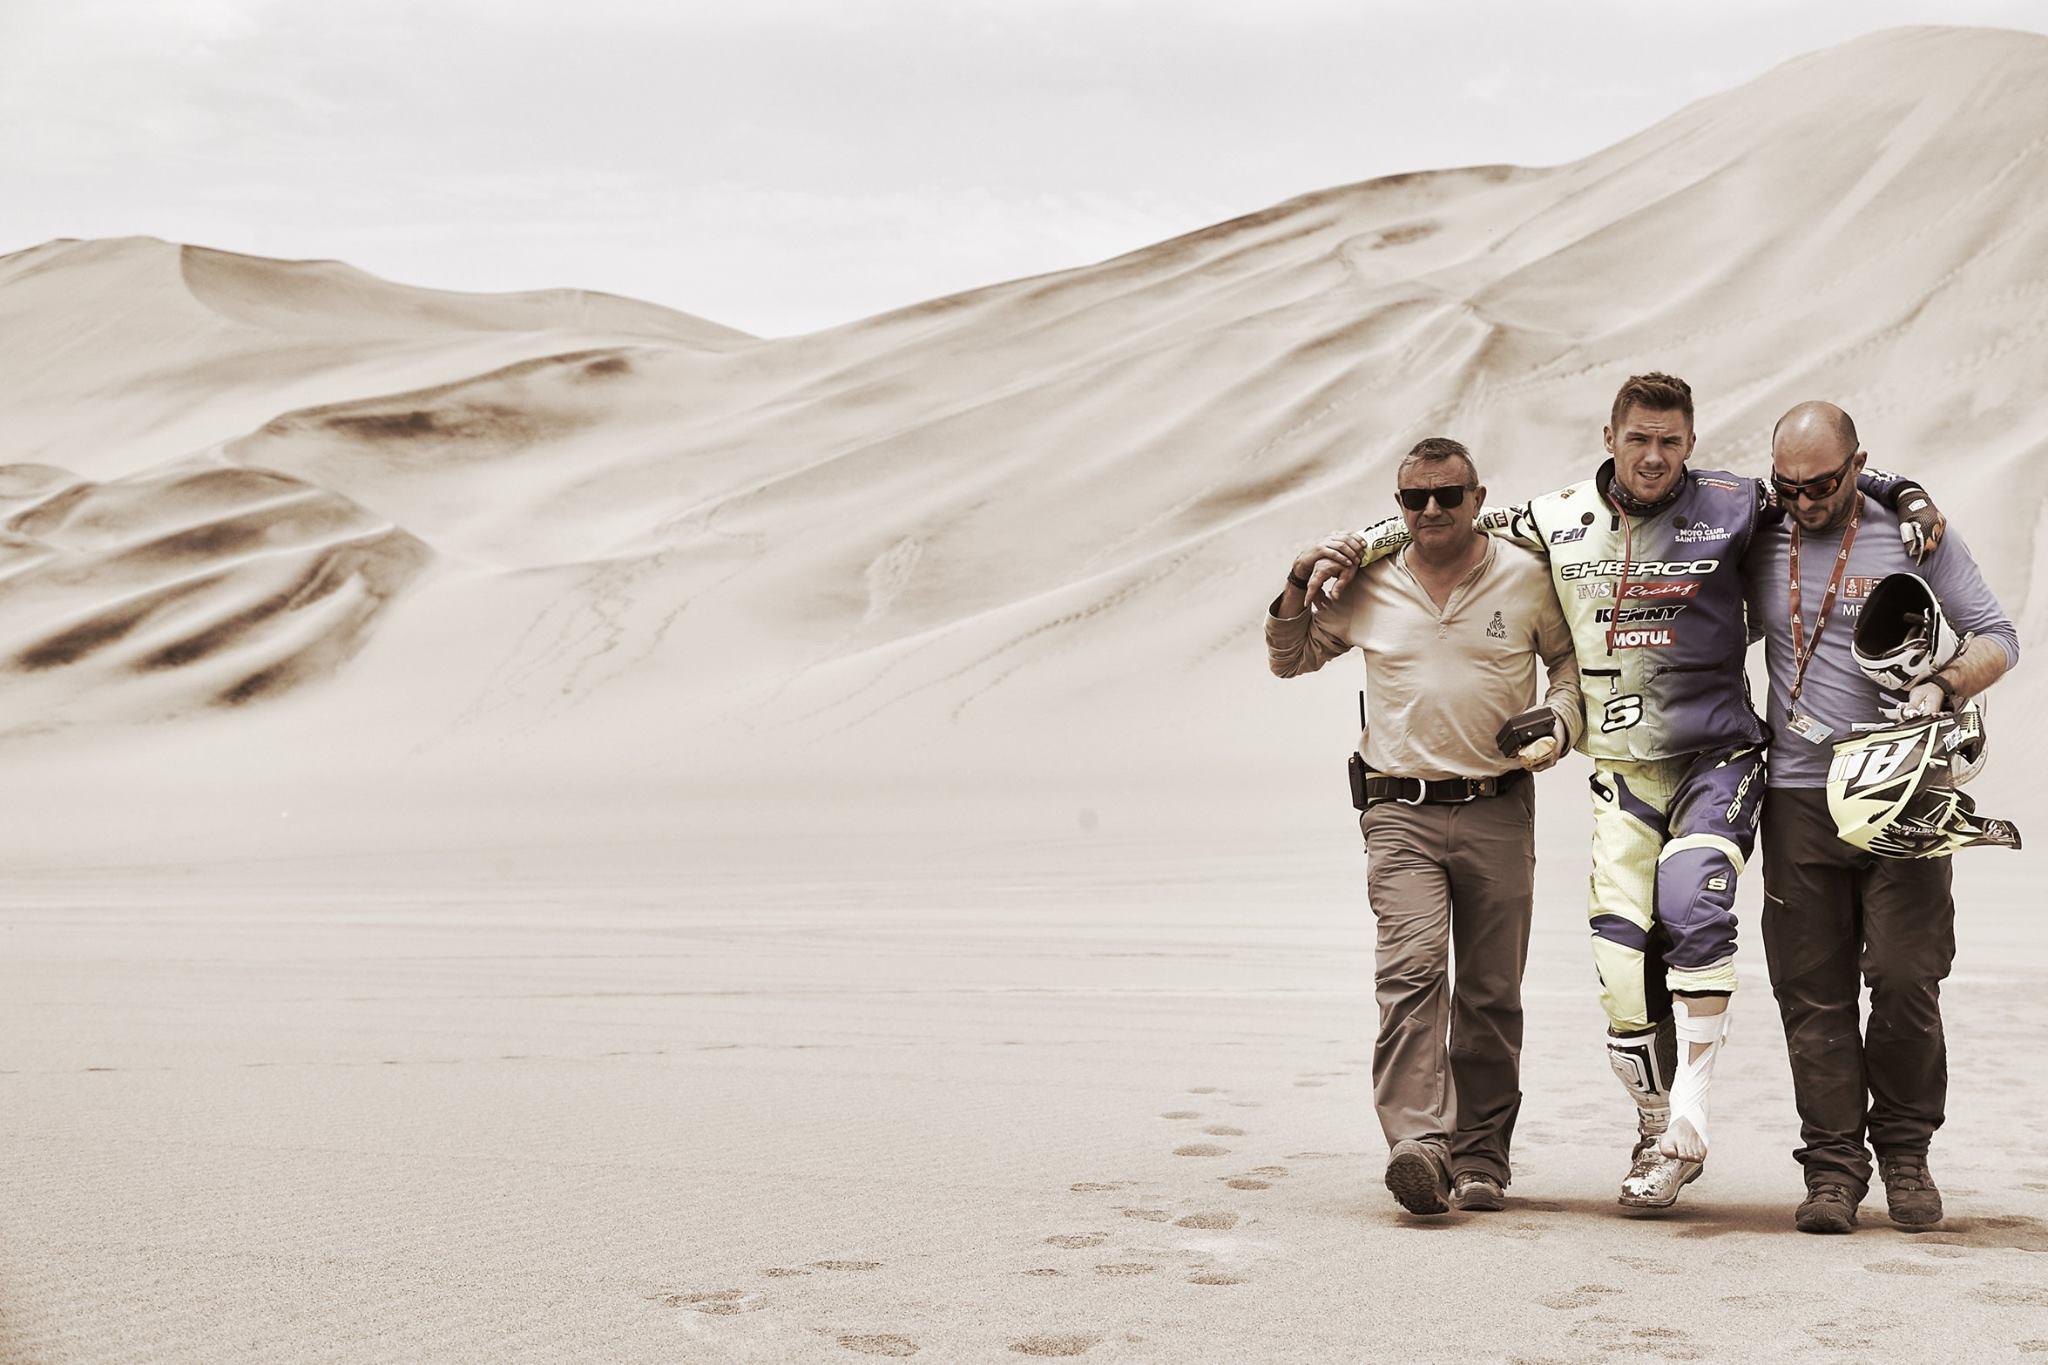 Rally Dakar 2018 Day 2 (31)